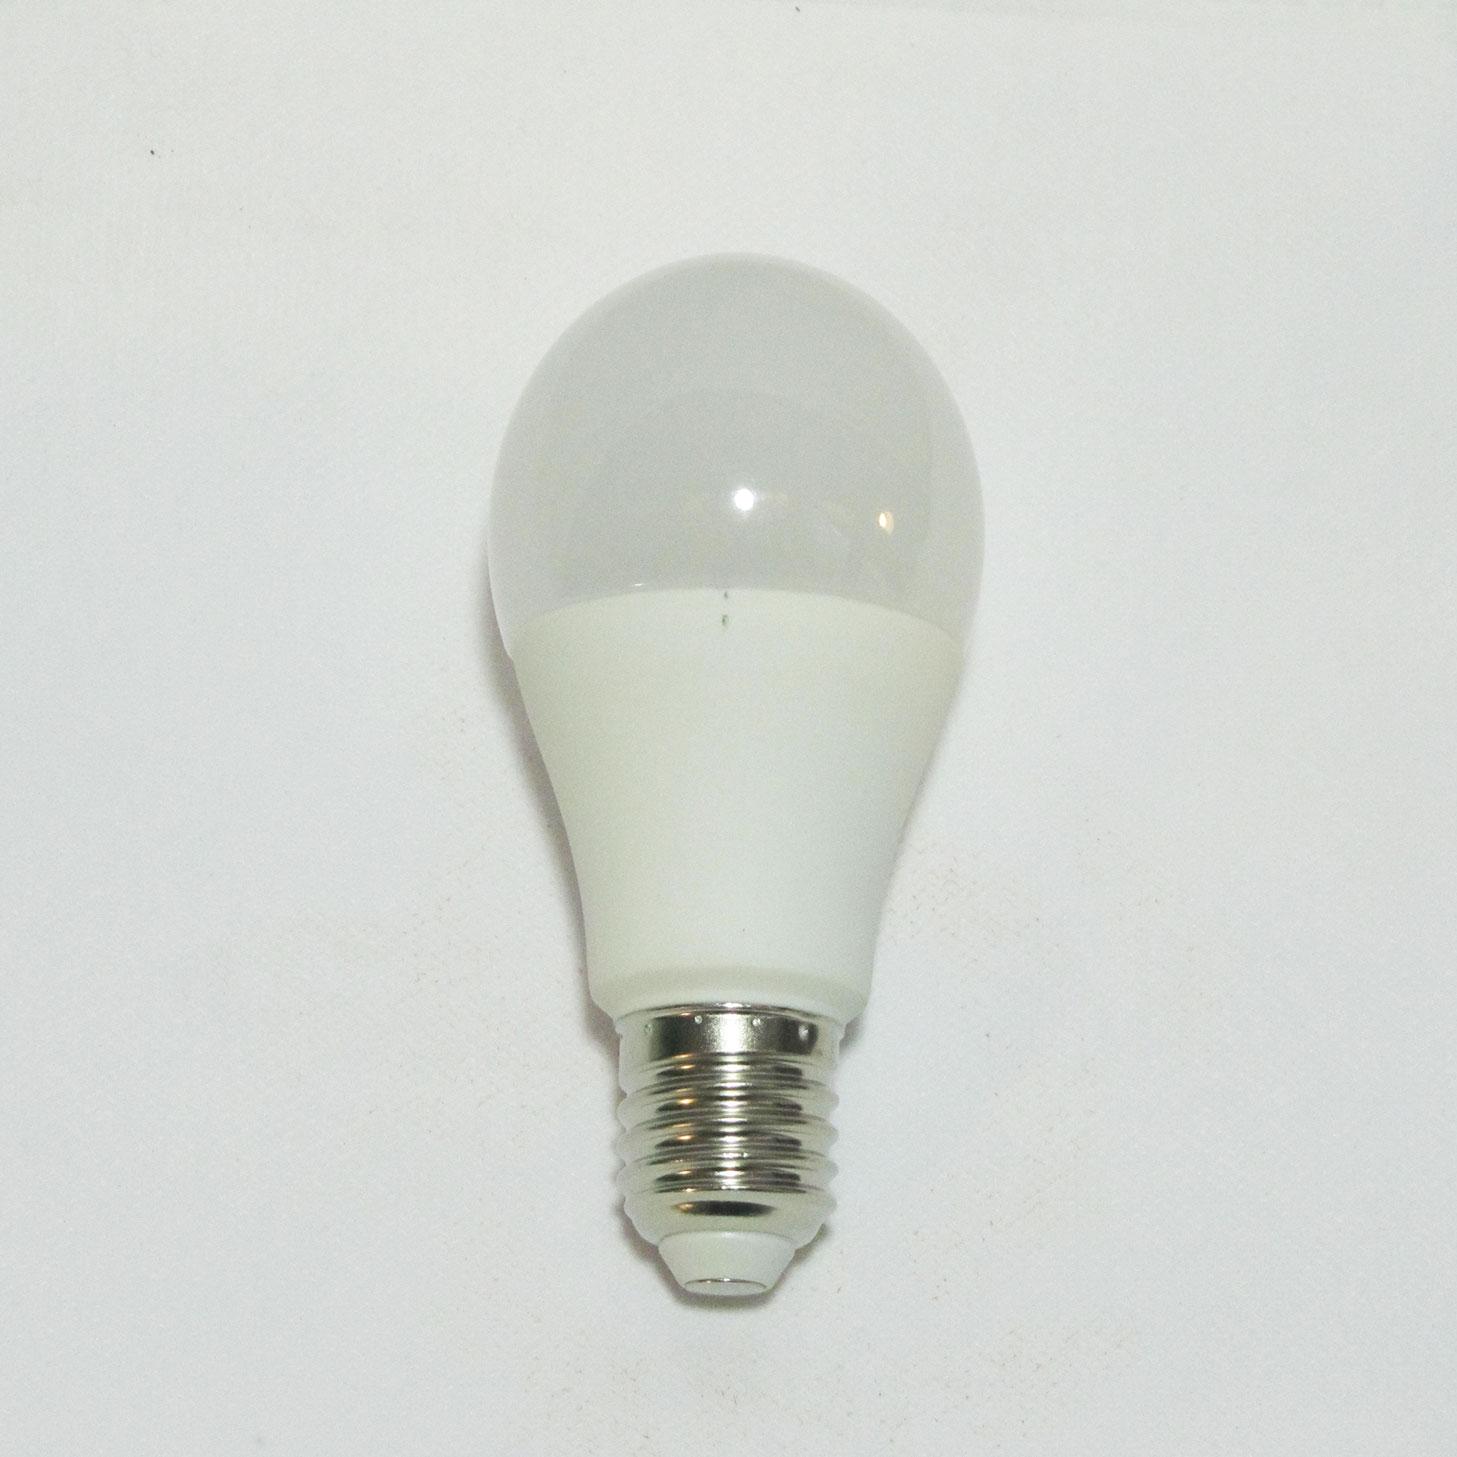 لامپ 15وات ال ای دی سیماران